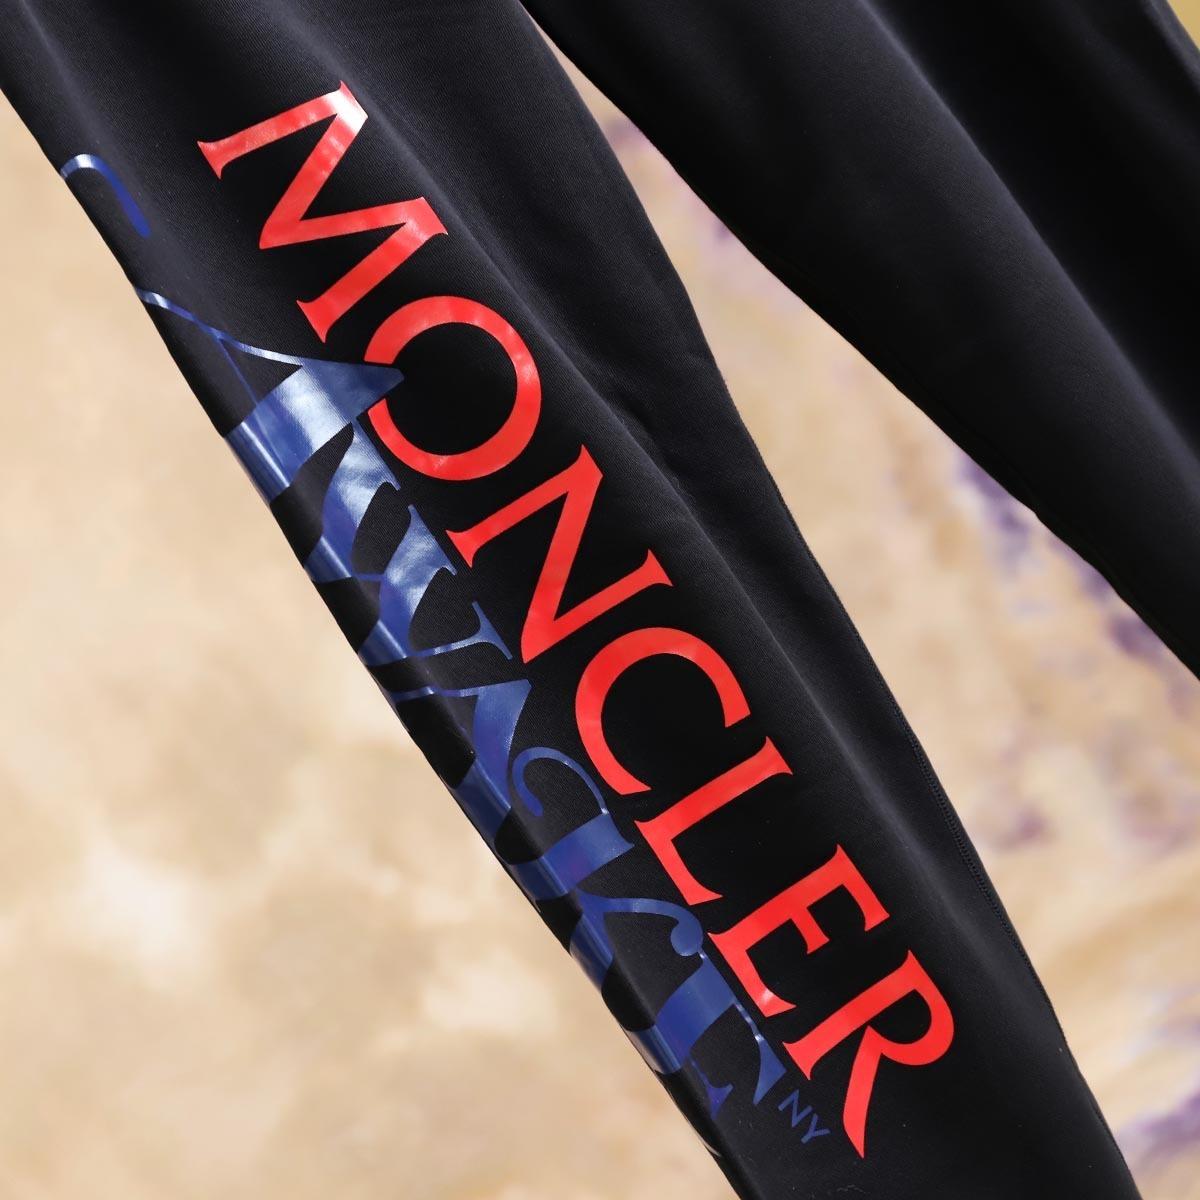 本物 極上品 モンクレール×アウェイクニューヨーク コラボ ドローコード付き ジーニアススウエットパンツ メンズS ブラック ボトム_画像3